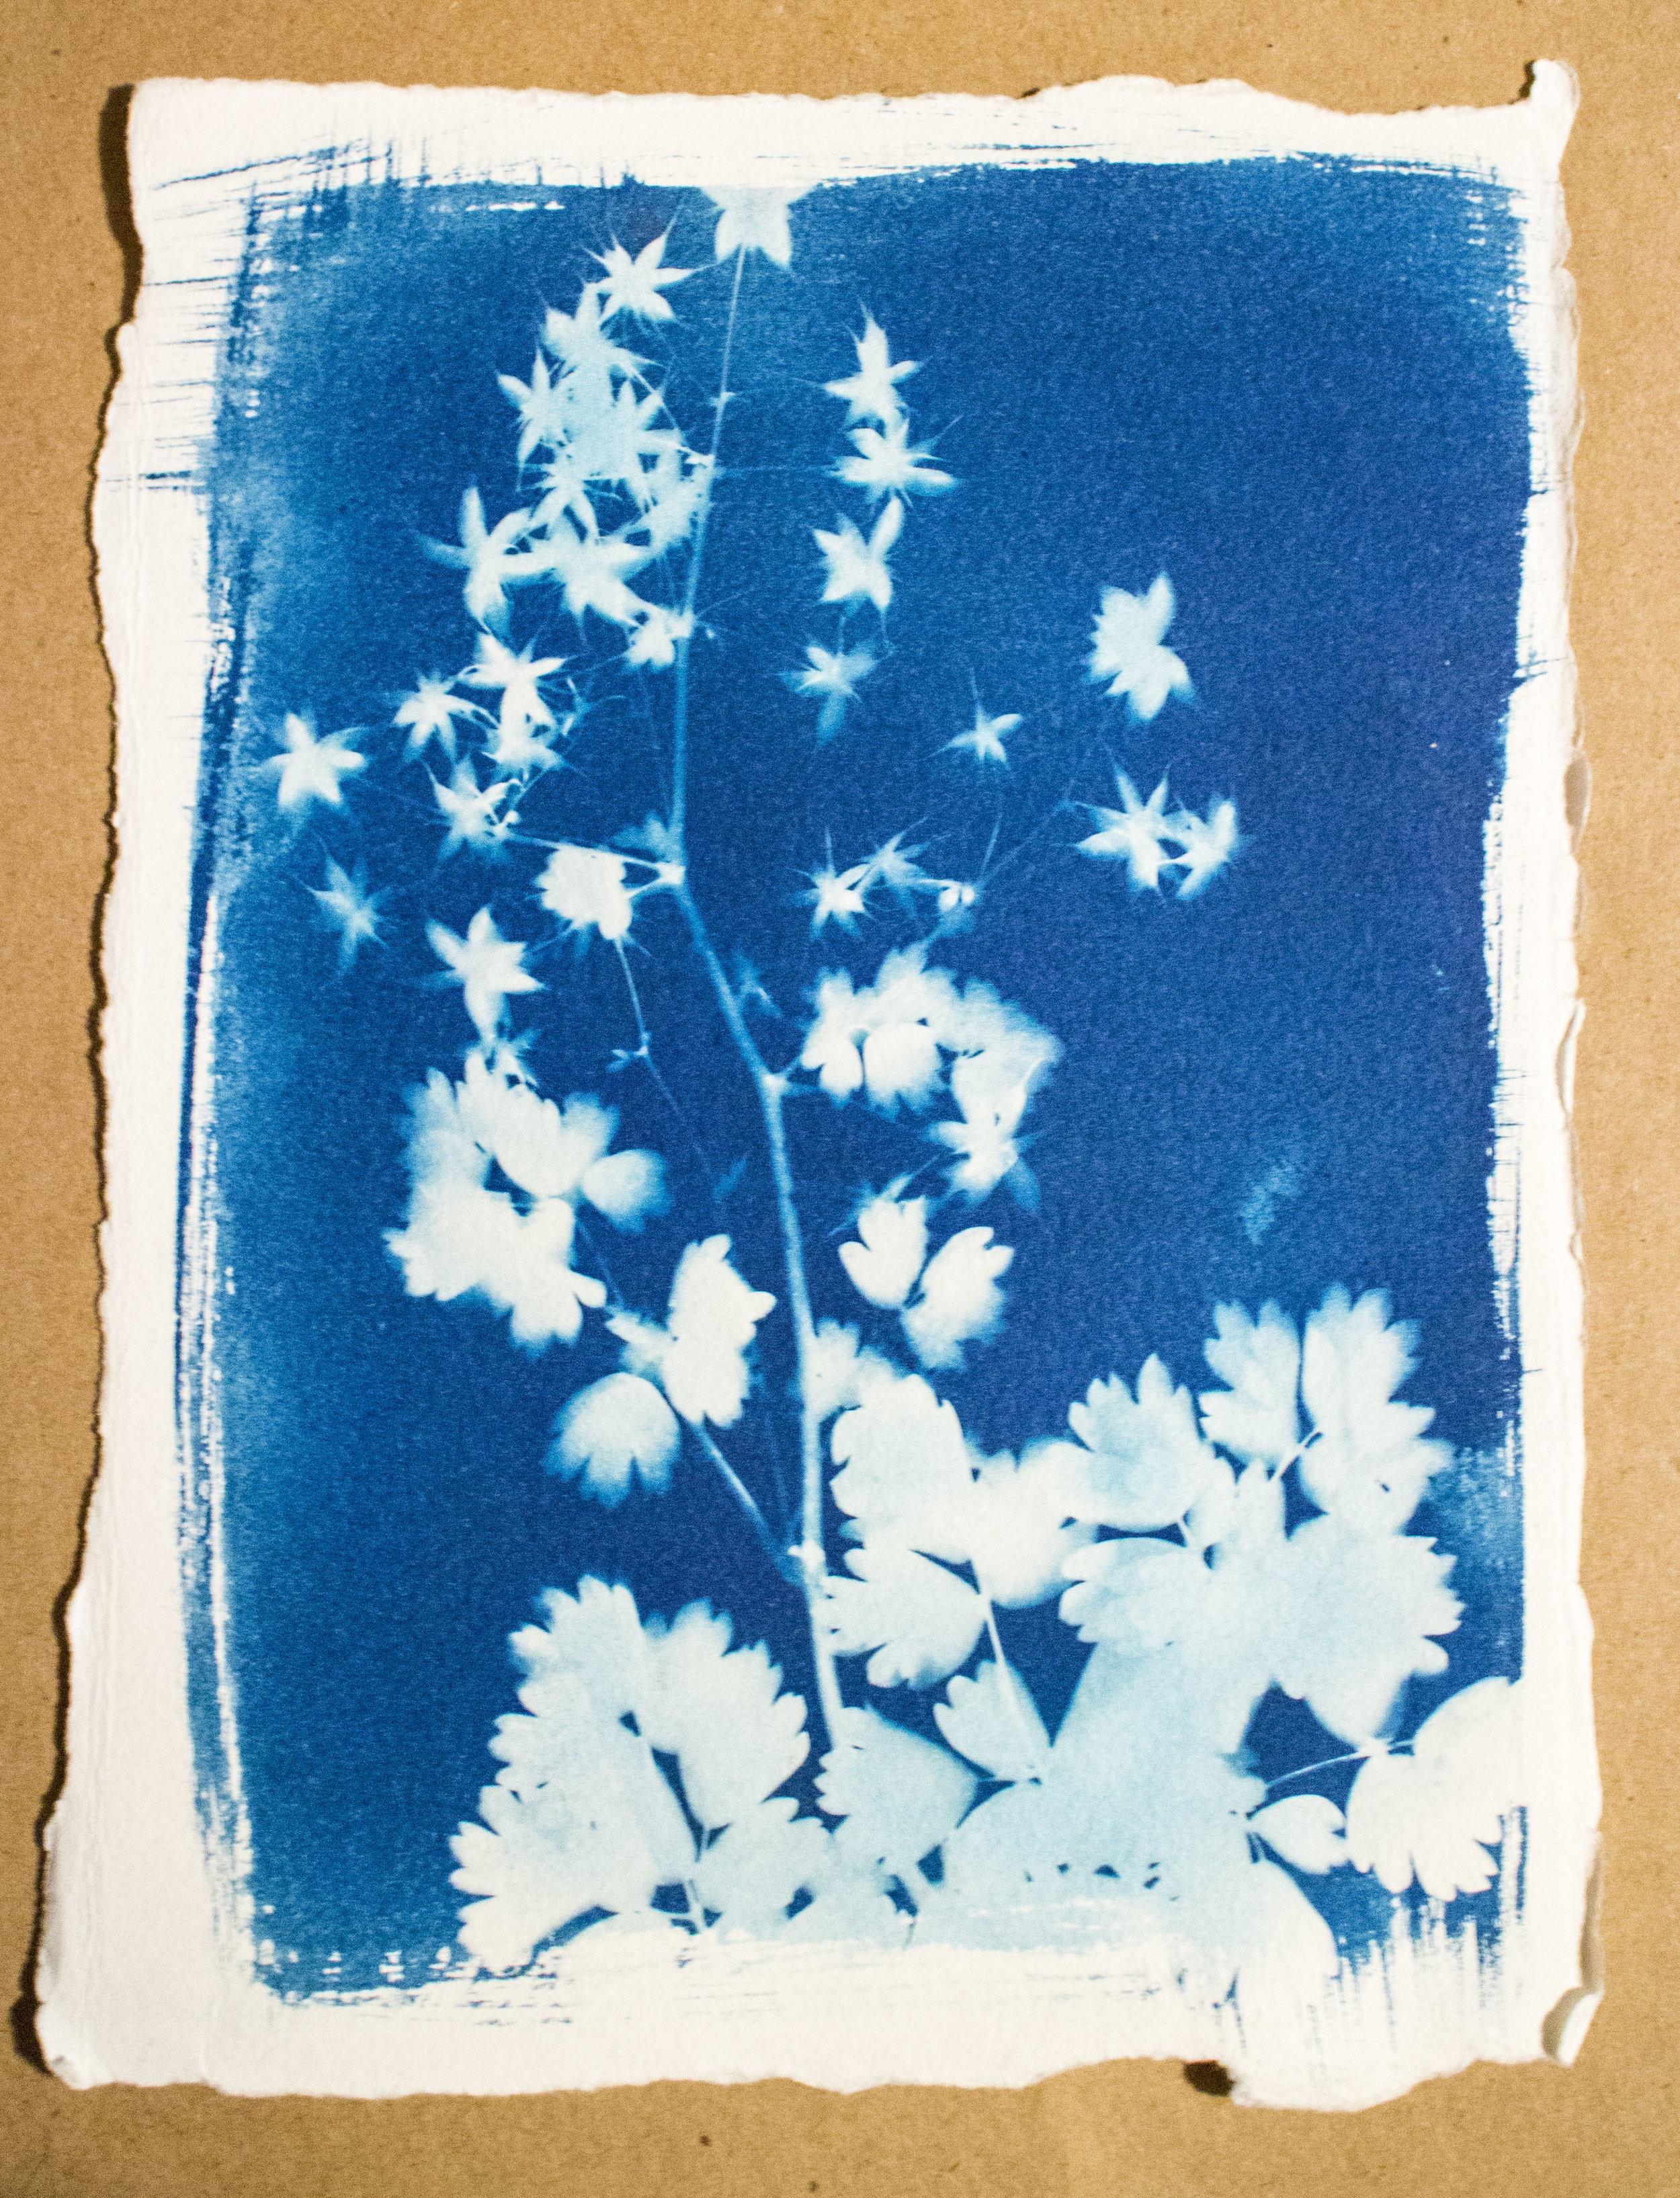 CyanotypeImprints01.jpg